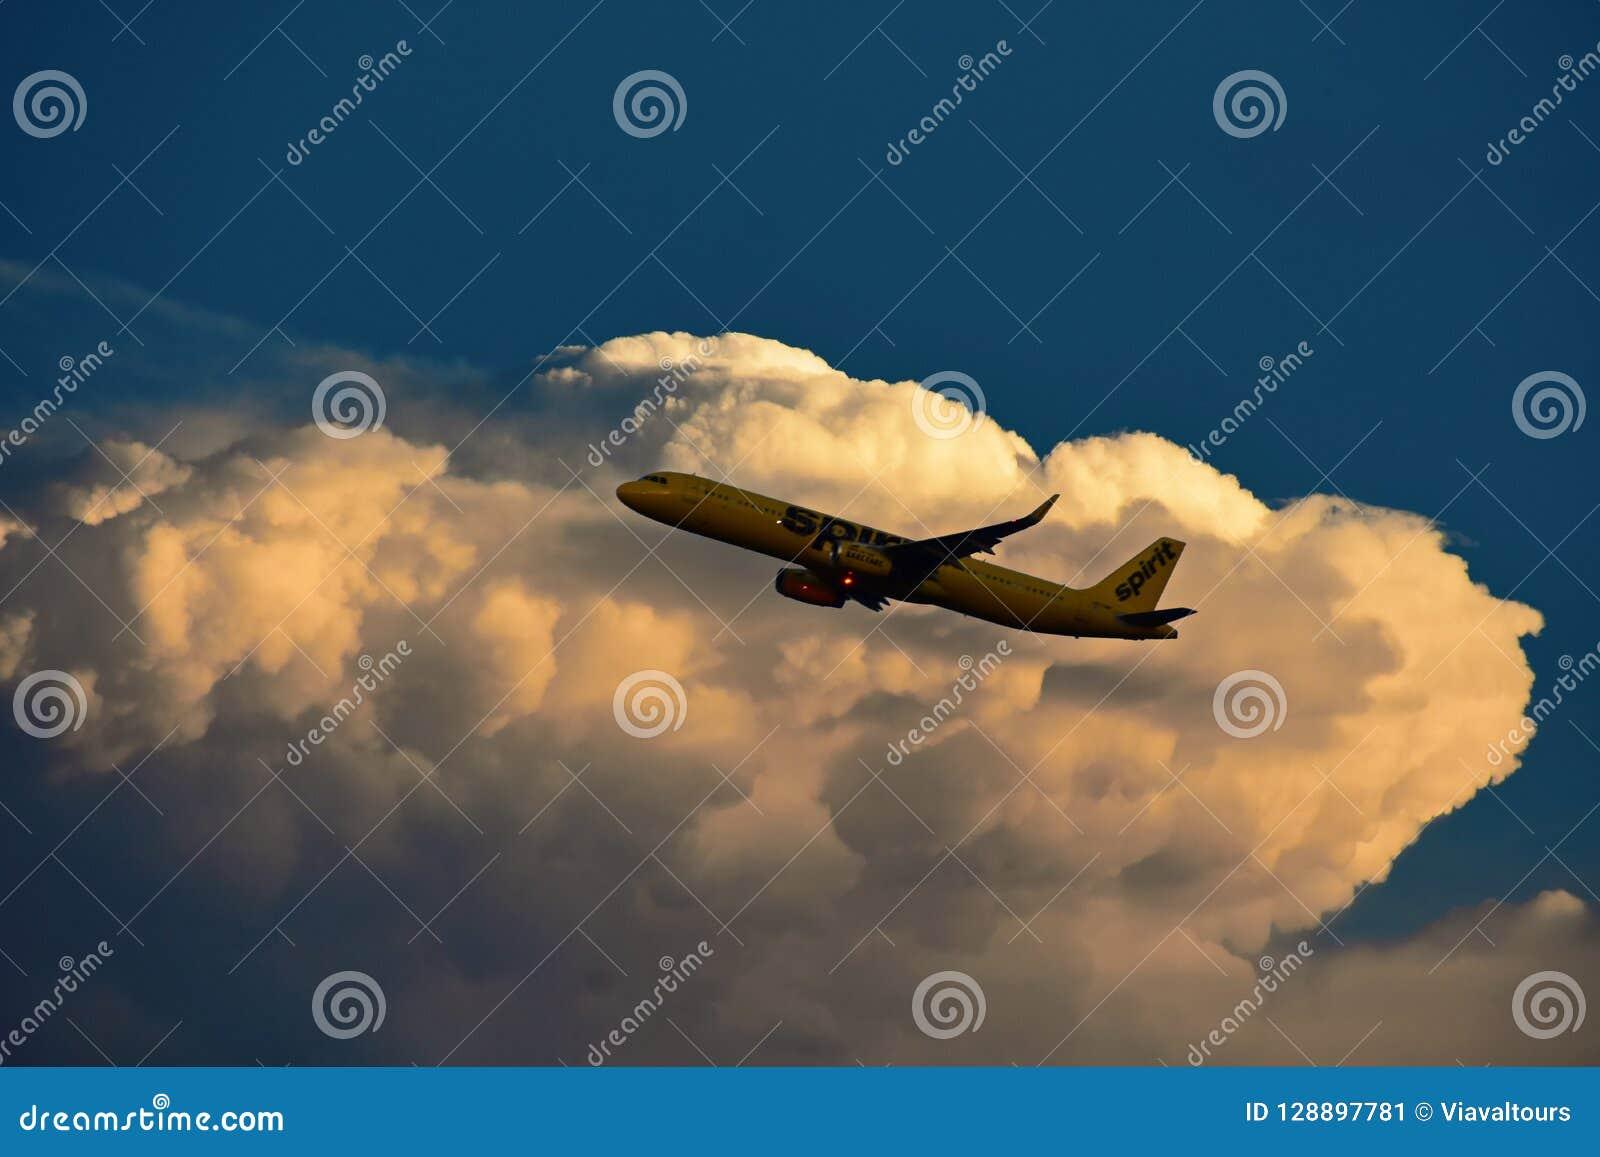 Aeroplano da Spirit Airlines che guadagna altitudine dopo il decollo, sul bello cielo di tramonto